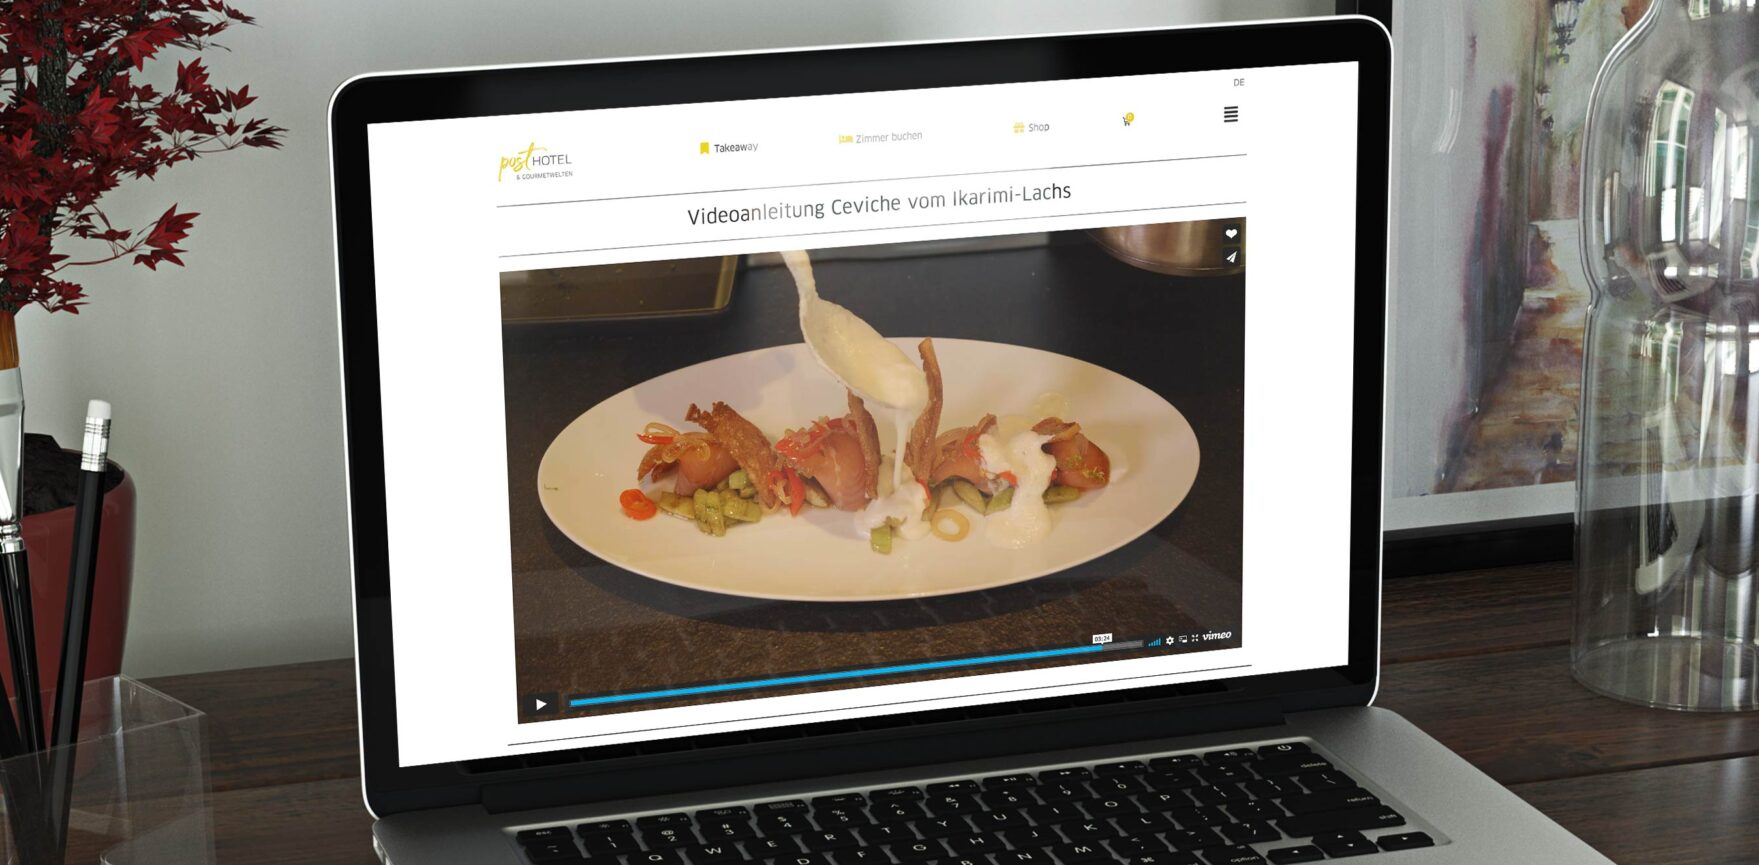 Posthotel Alexander Herrmann Videoproduktion Video zur Vorspeise auf Laptopbildschirm